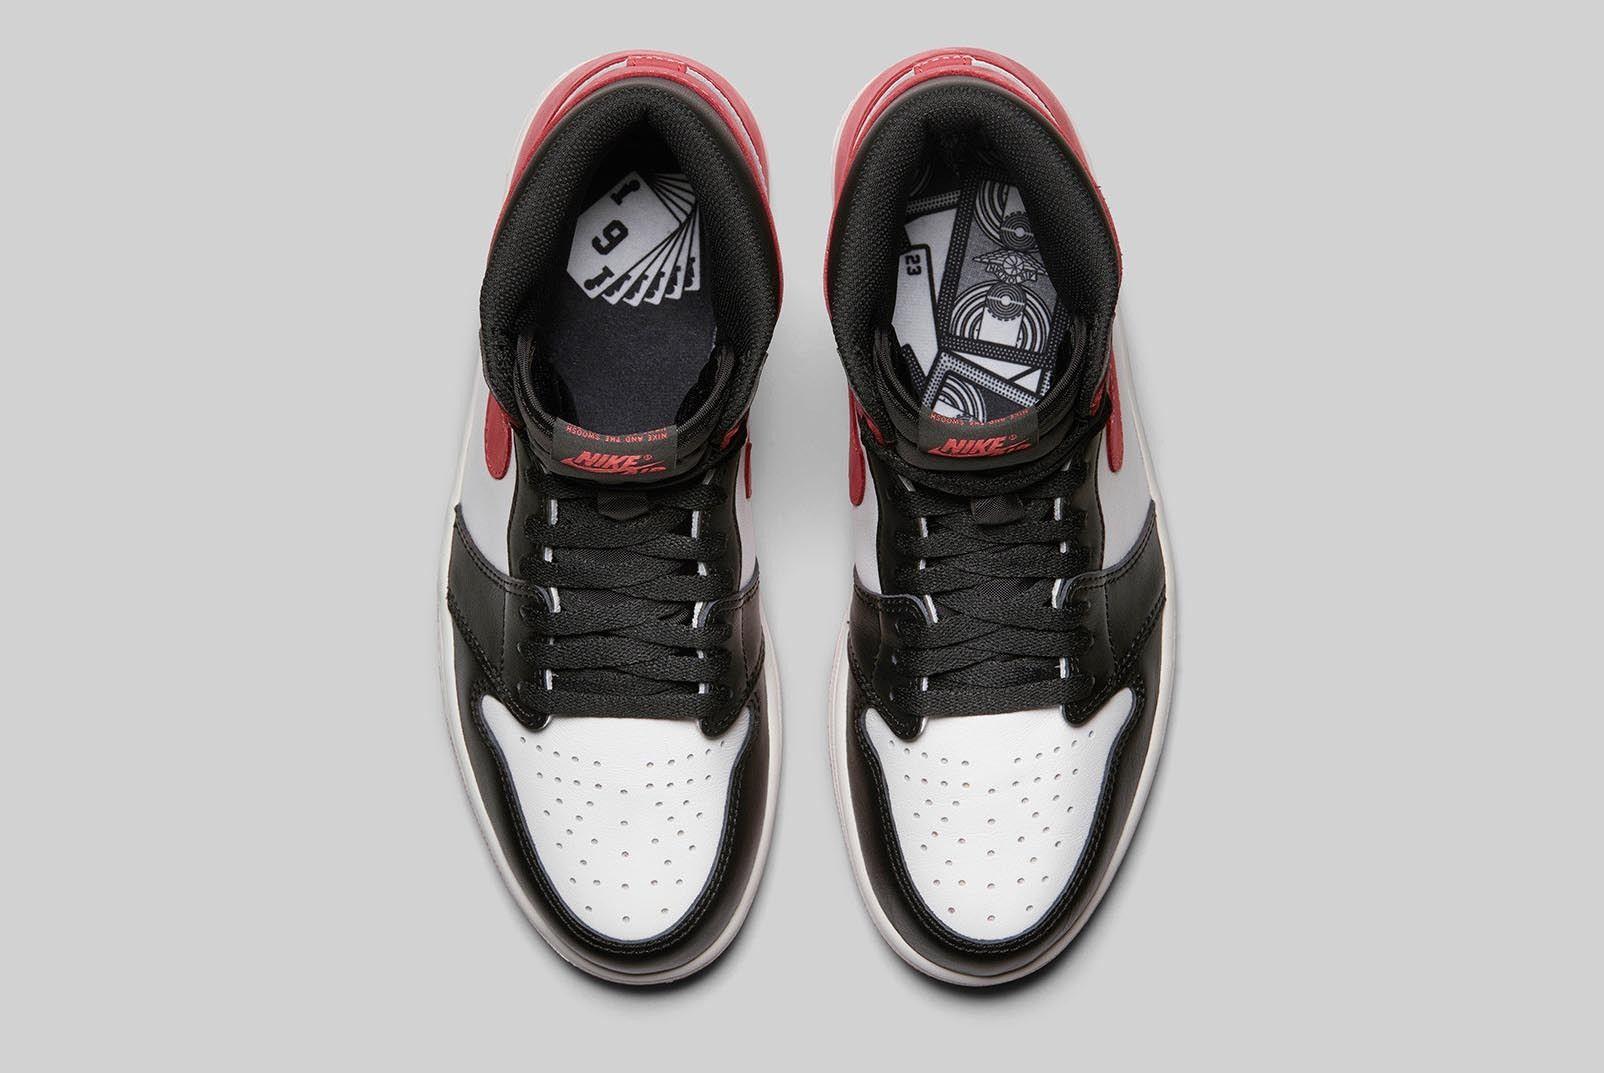 Air Jordan 1 Retro High Og Best Hand In The Game Collection 121 Sneaker Freaker